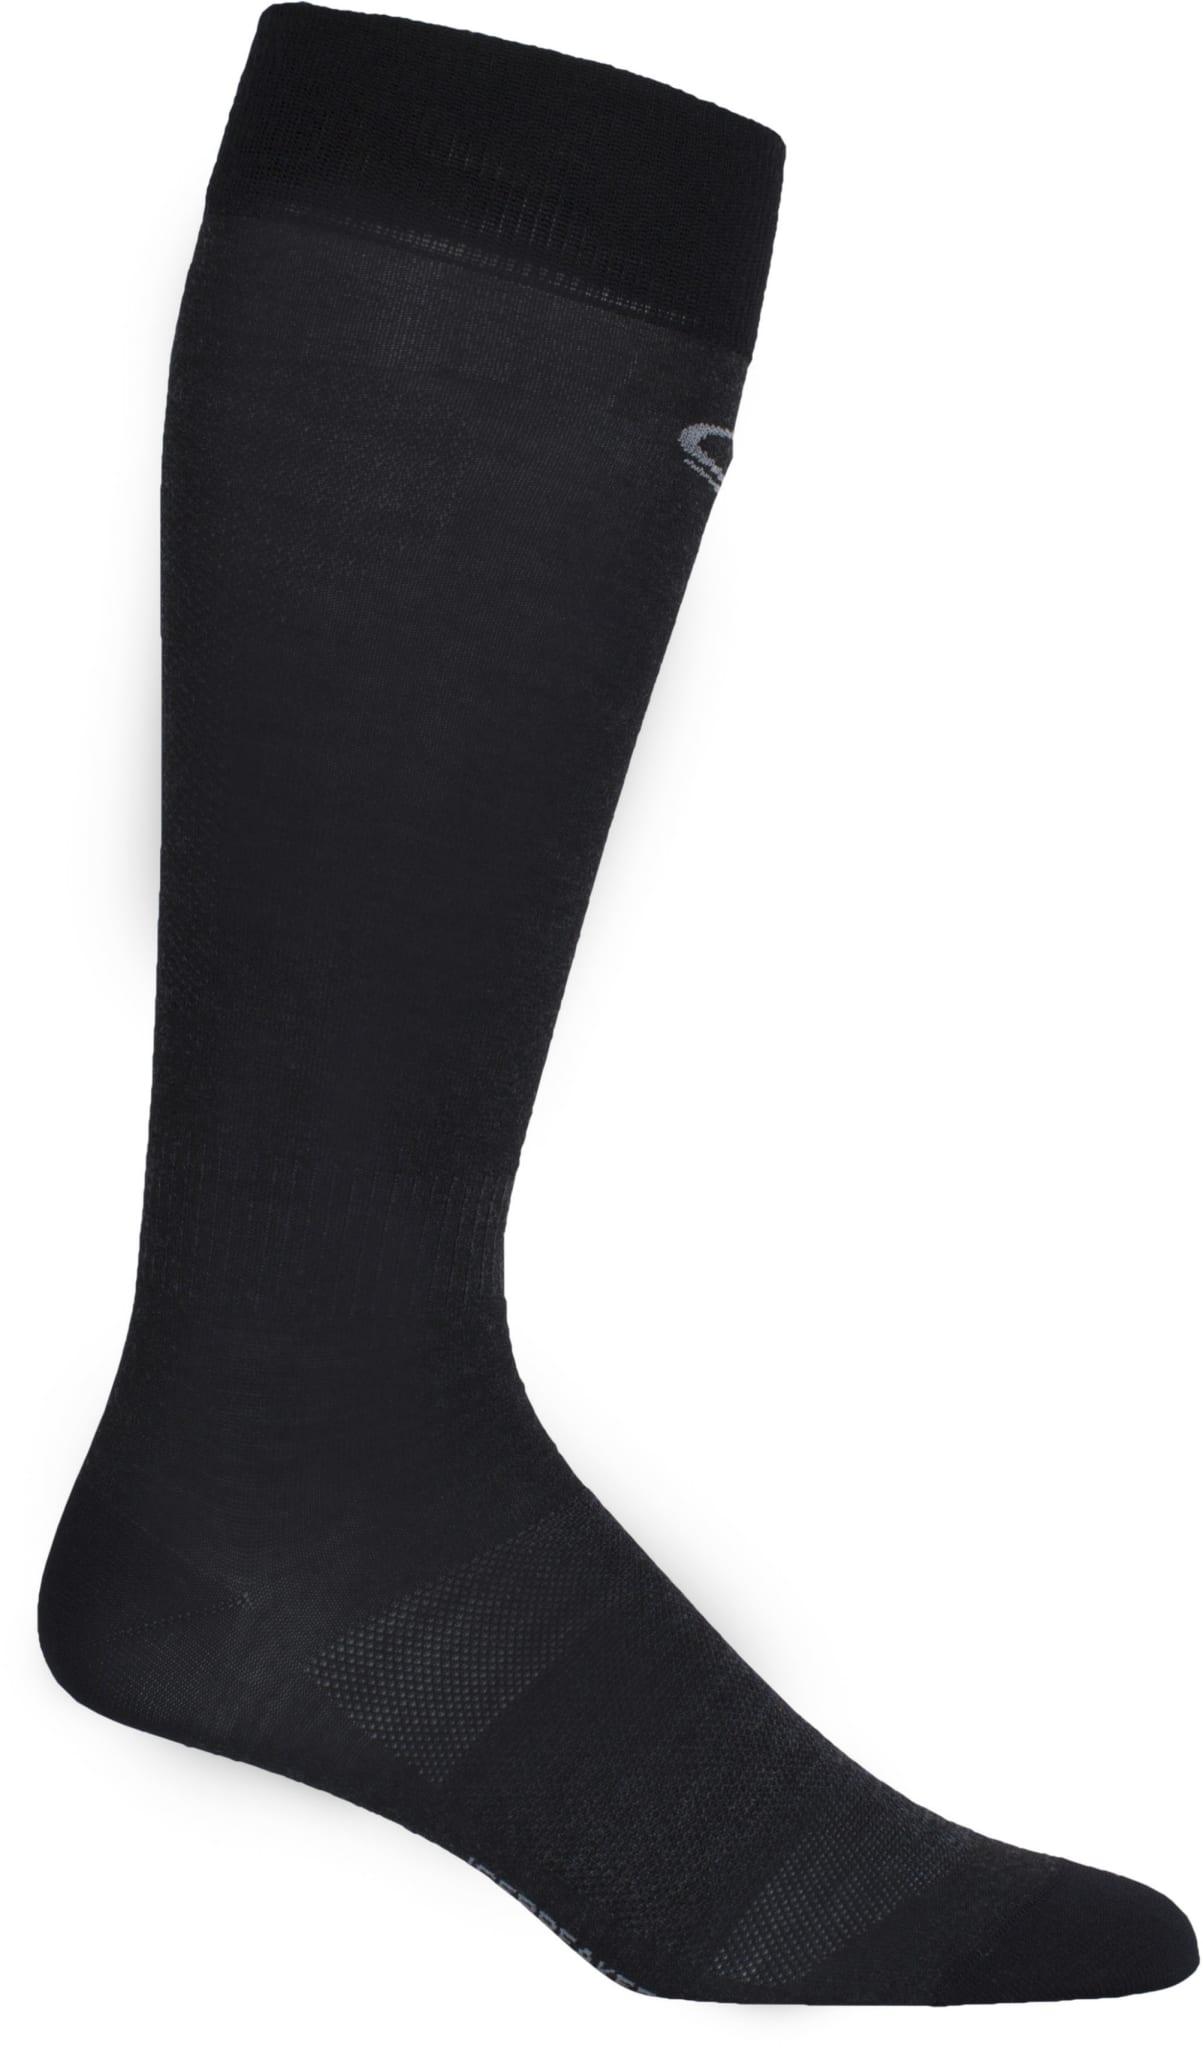 Liner-sokk til bruk under skisokker